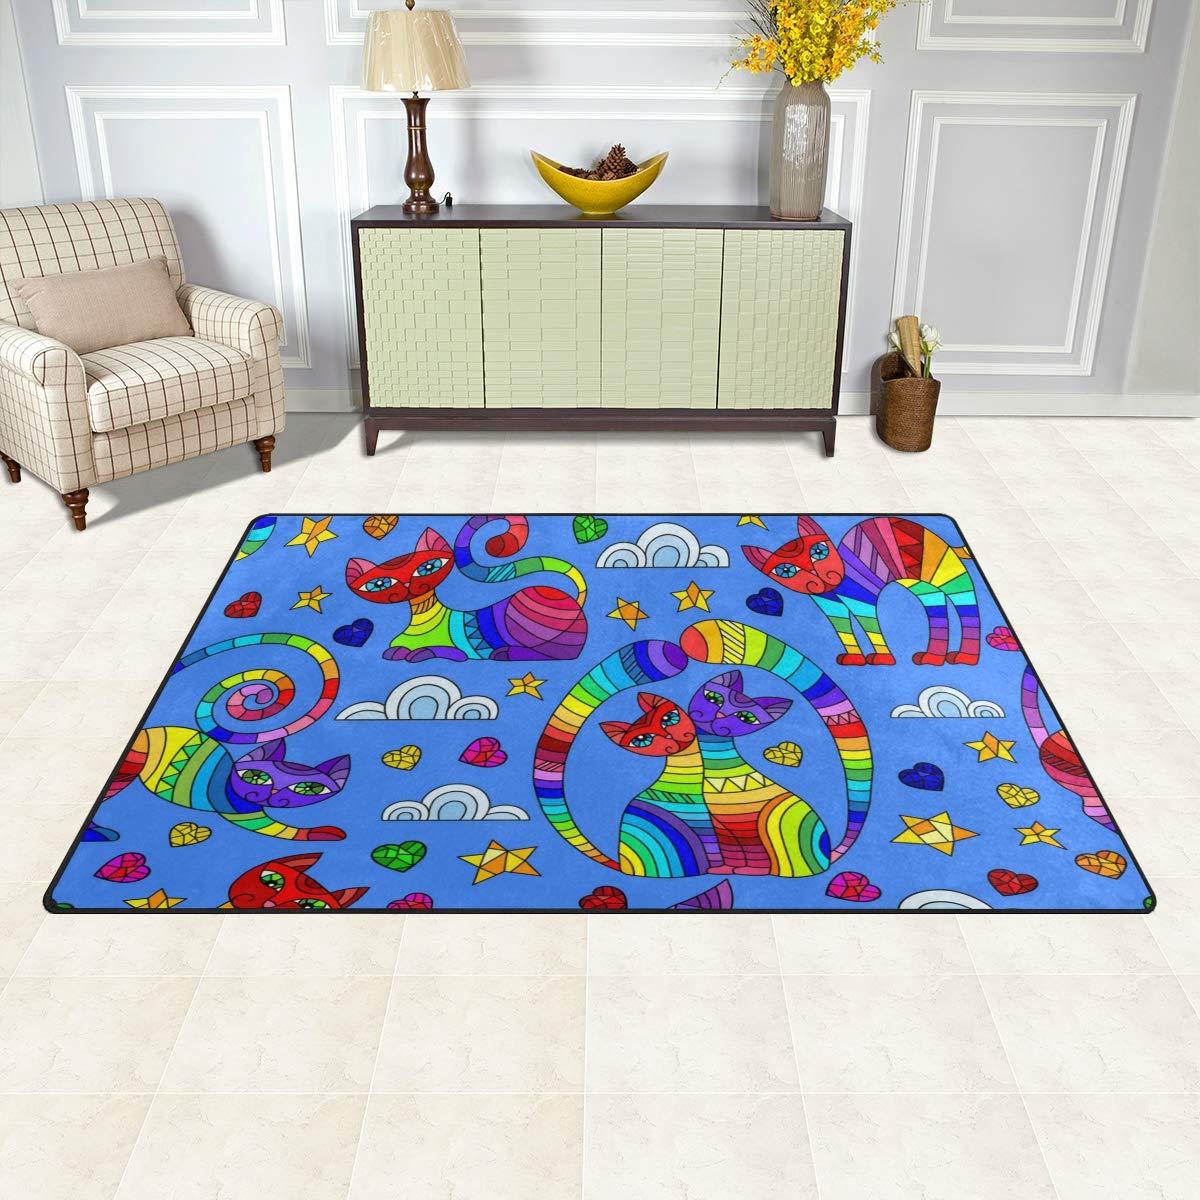 Jiayangzi Cats Stars Hearts Area Rug Non-Slip Backing Floor Carpet Modern Geometric Rugs Home Decorator Indoor Outdoor Floor Runner Accent Mat for Living Room Bedroom Kids Room 60x39 in